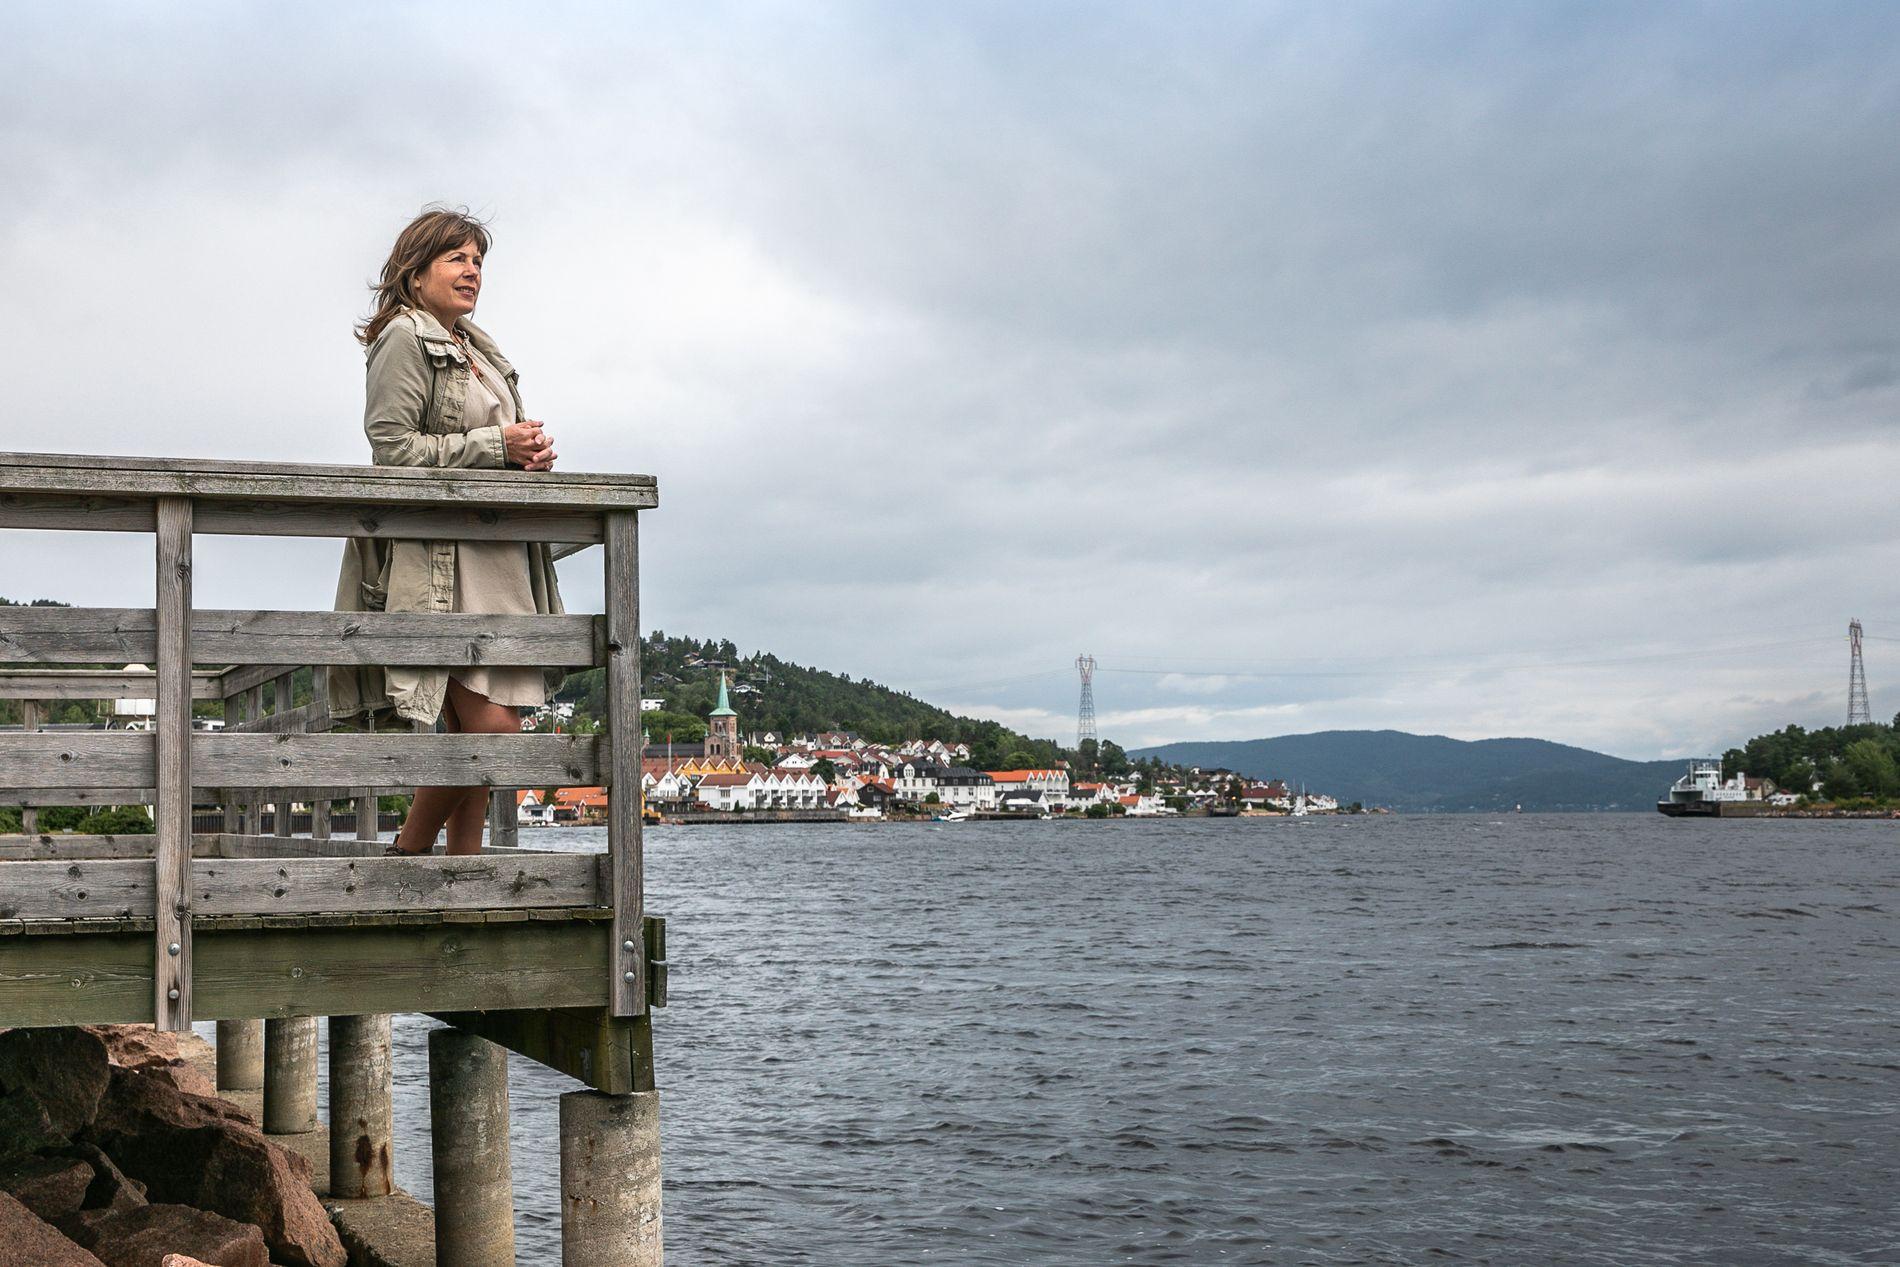 MOT STRØMMEN: Gro Nebell Aronsen (MDG) avbildet ved Svelvikstrømmen og med hjembyen i bakgrunnen.